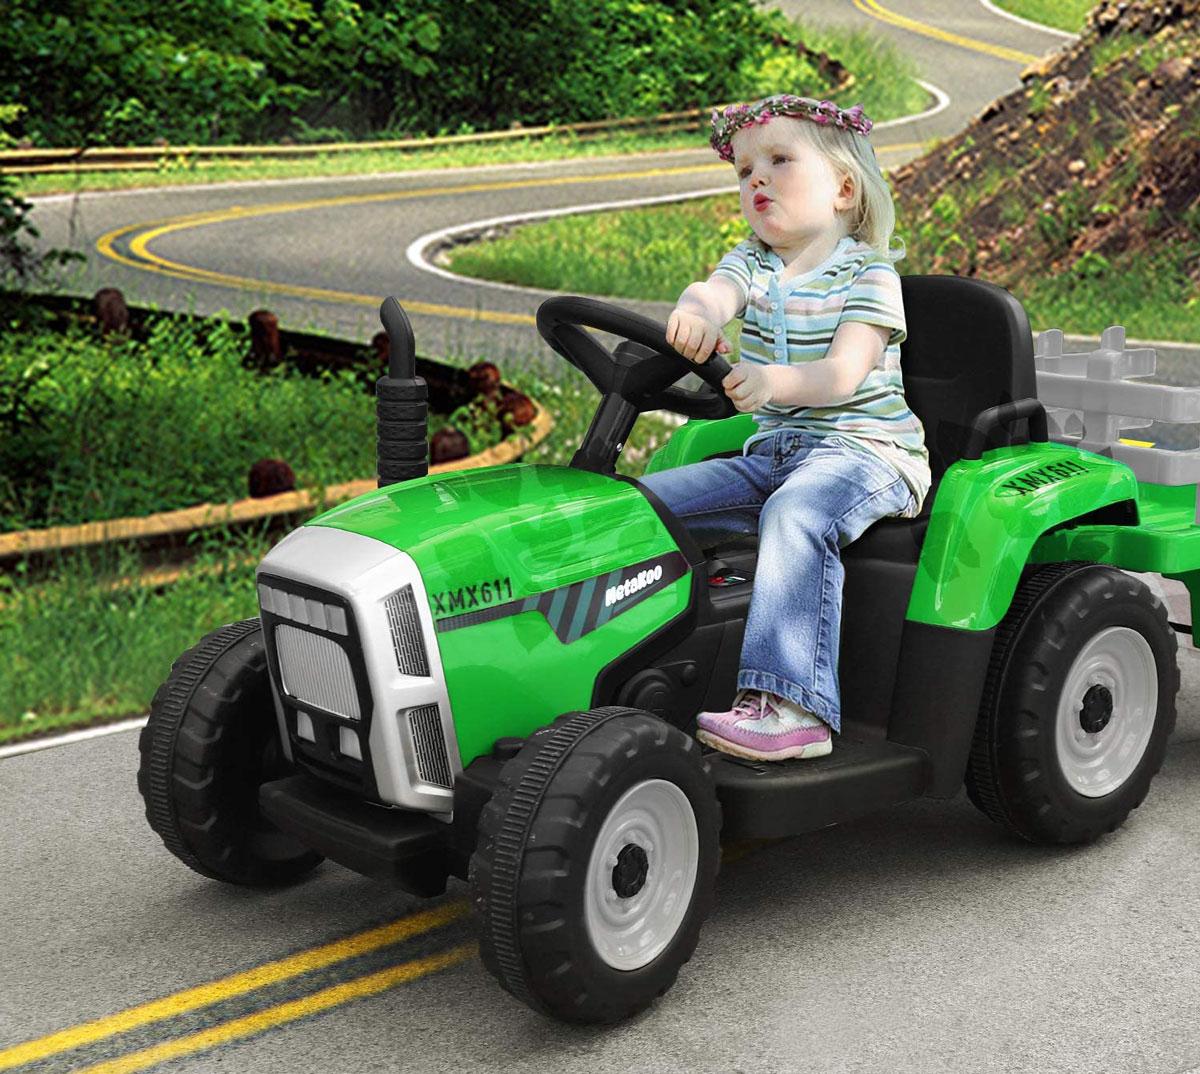 Traktorek-4toys-MX611-z-przyczepka-Zielony-232109